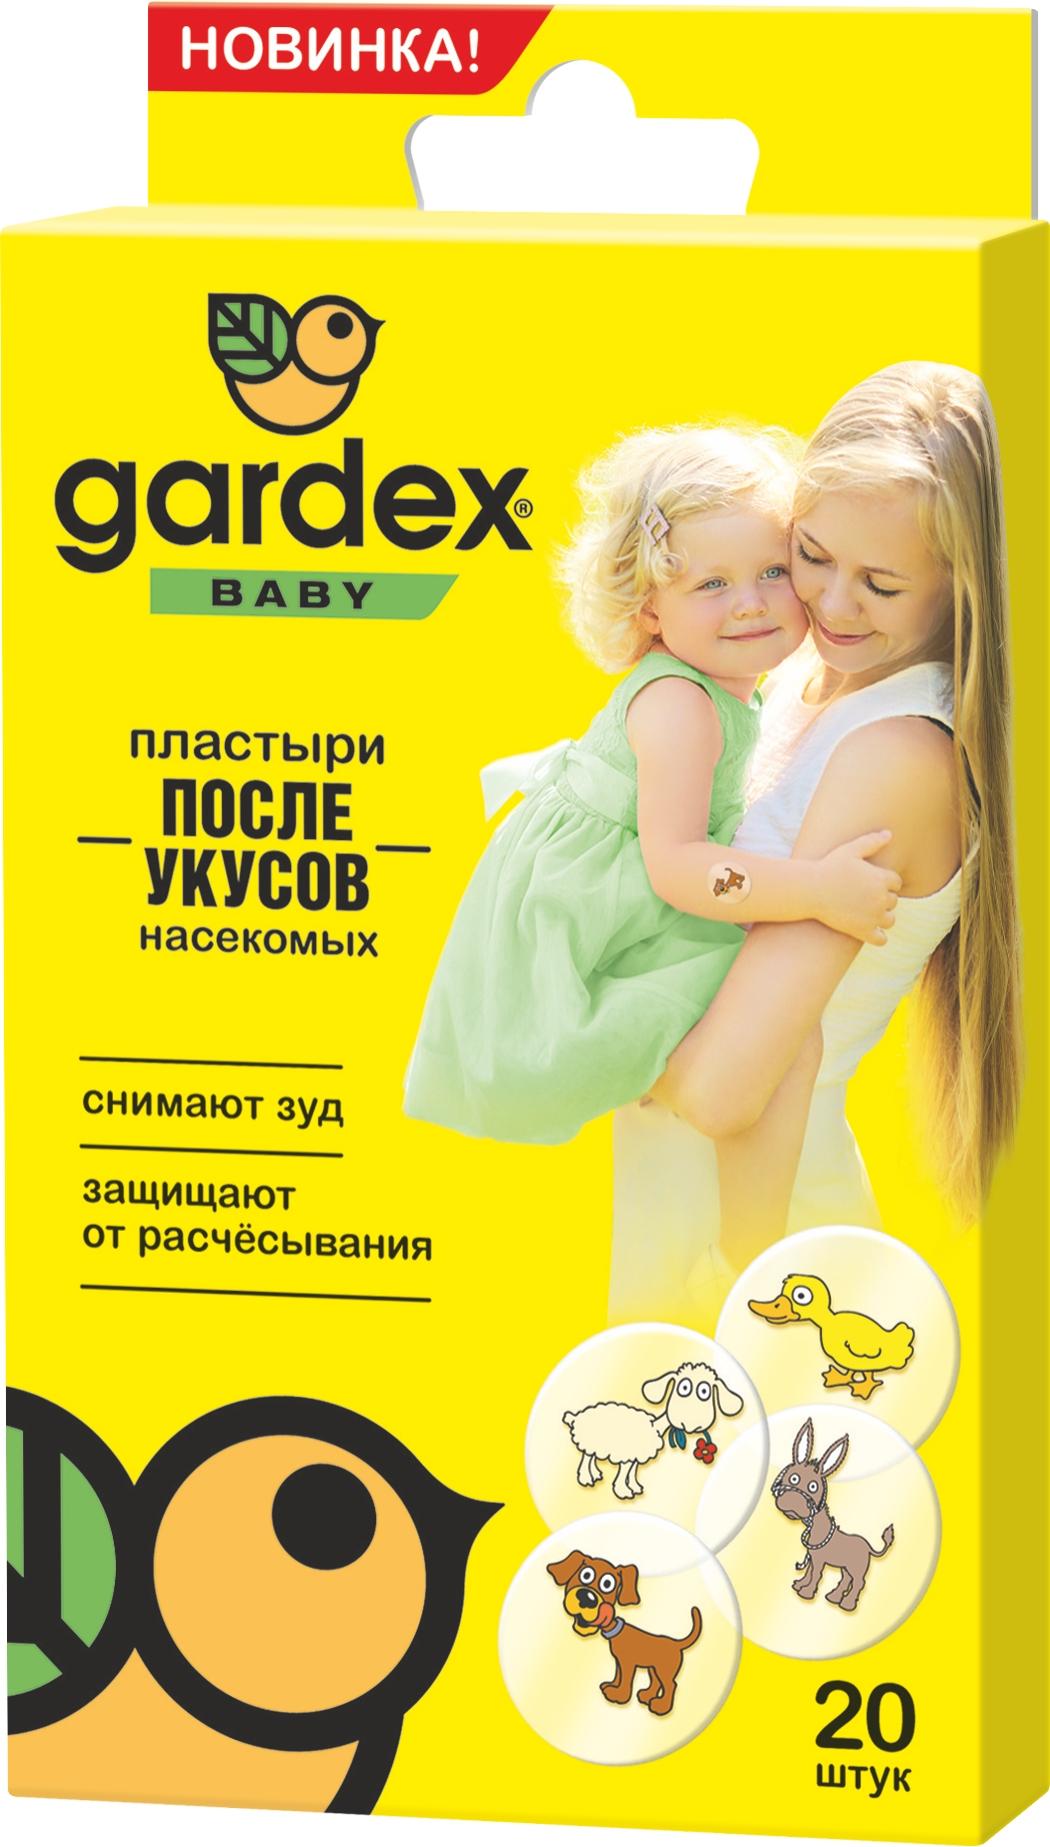 Gardex Пластыри после укусов насекомых детские Gardex